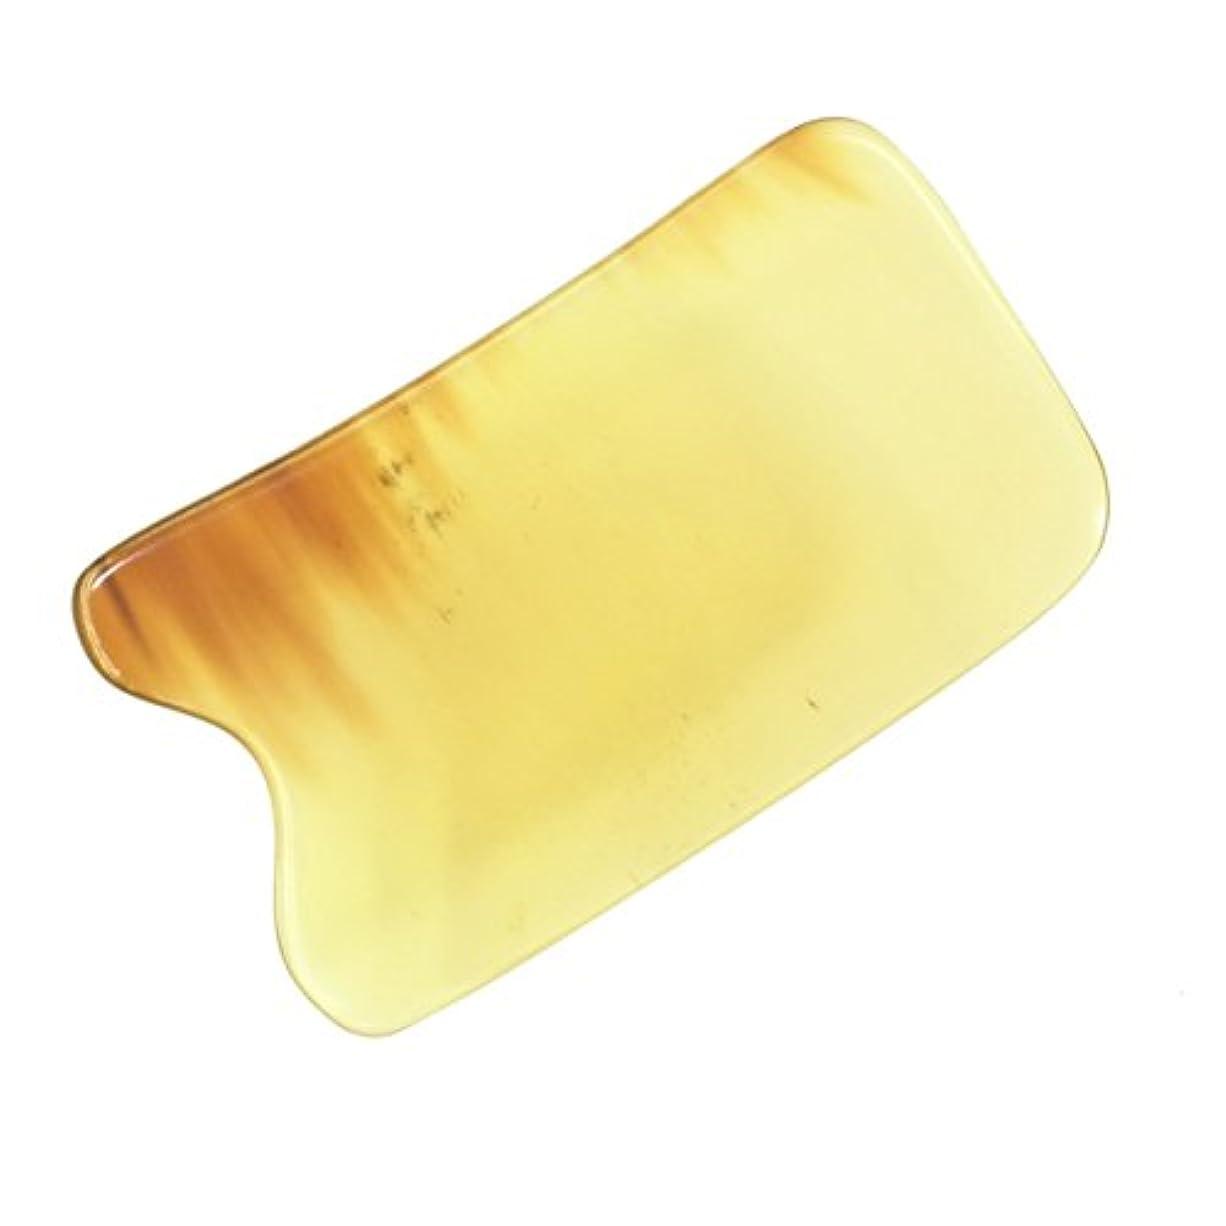 アーティキュレーション悪性のインサートかっさ プレート 厚さが選べる 水牛の角(黄水牛角) EHE219 四角凹 一般品 少し薄め (4ミリ程度)